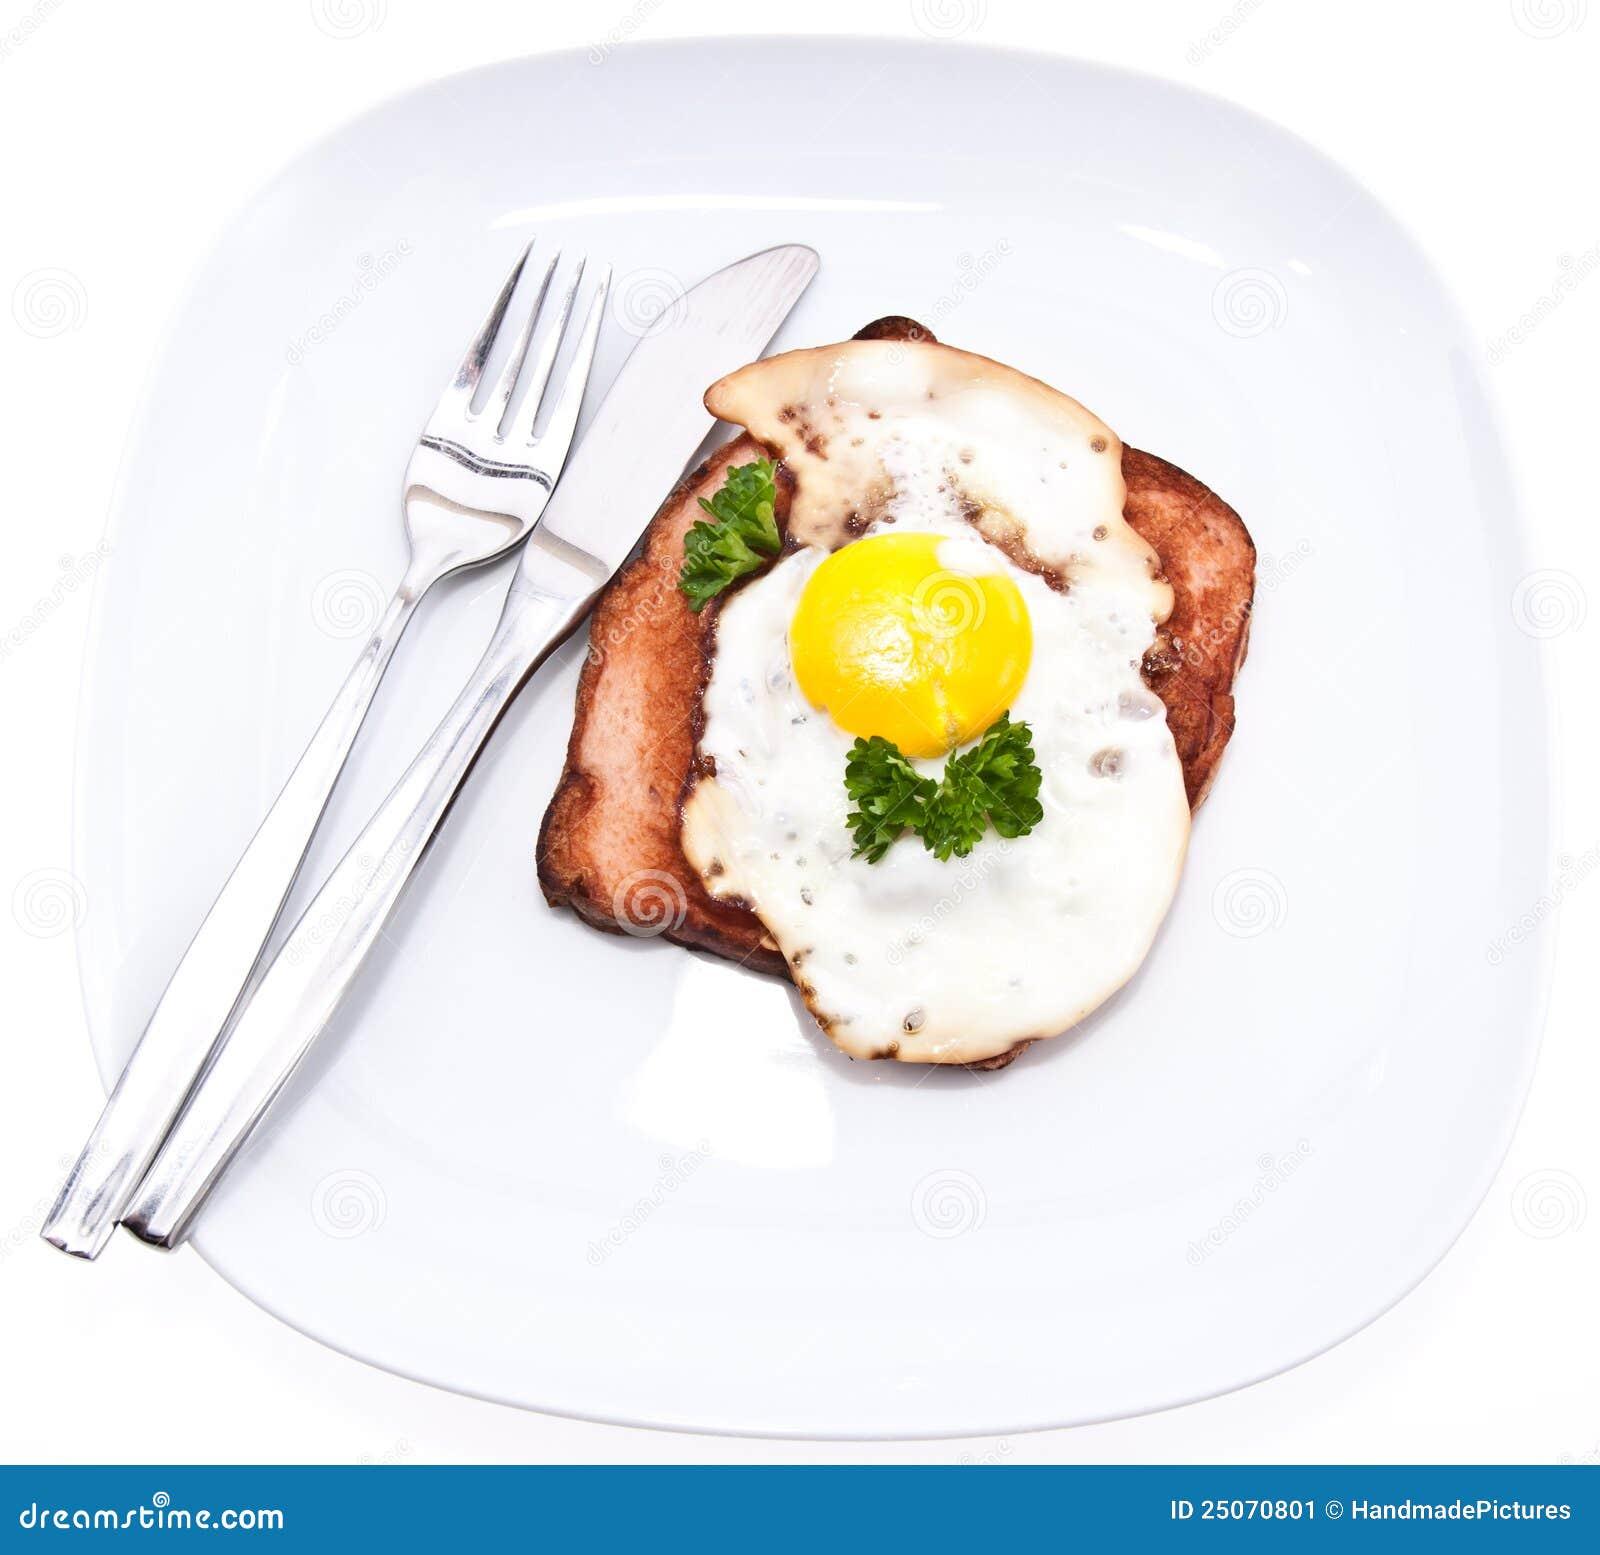 how to make egg loaf